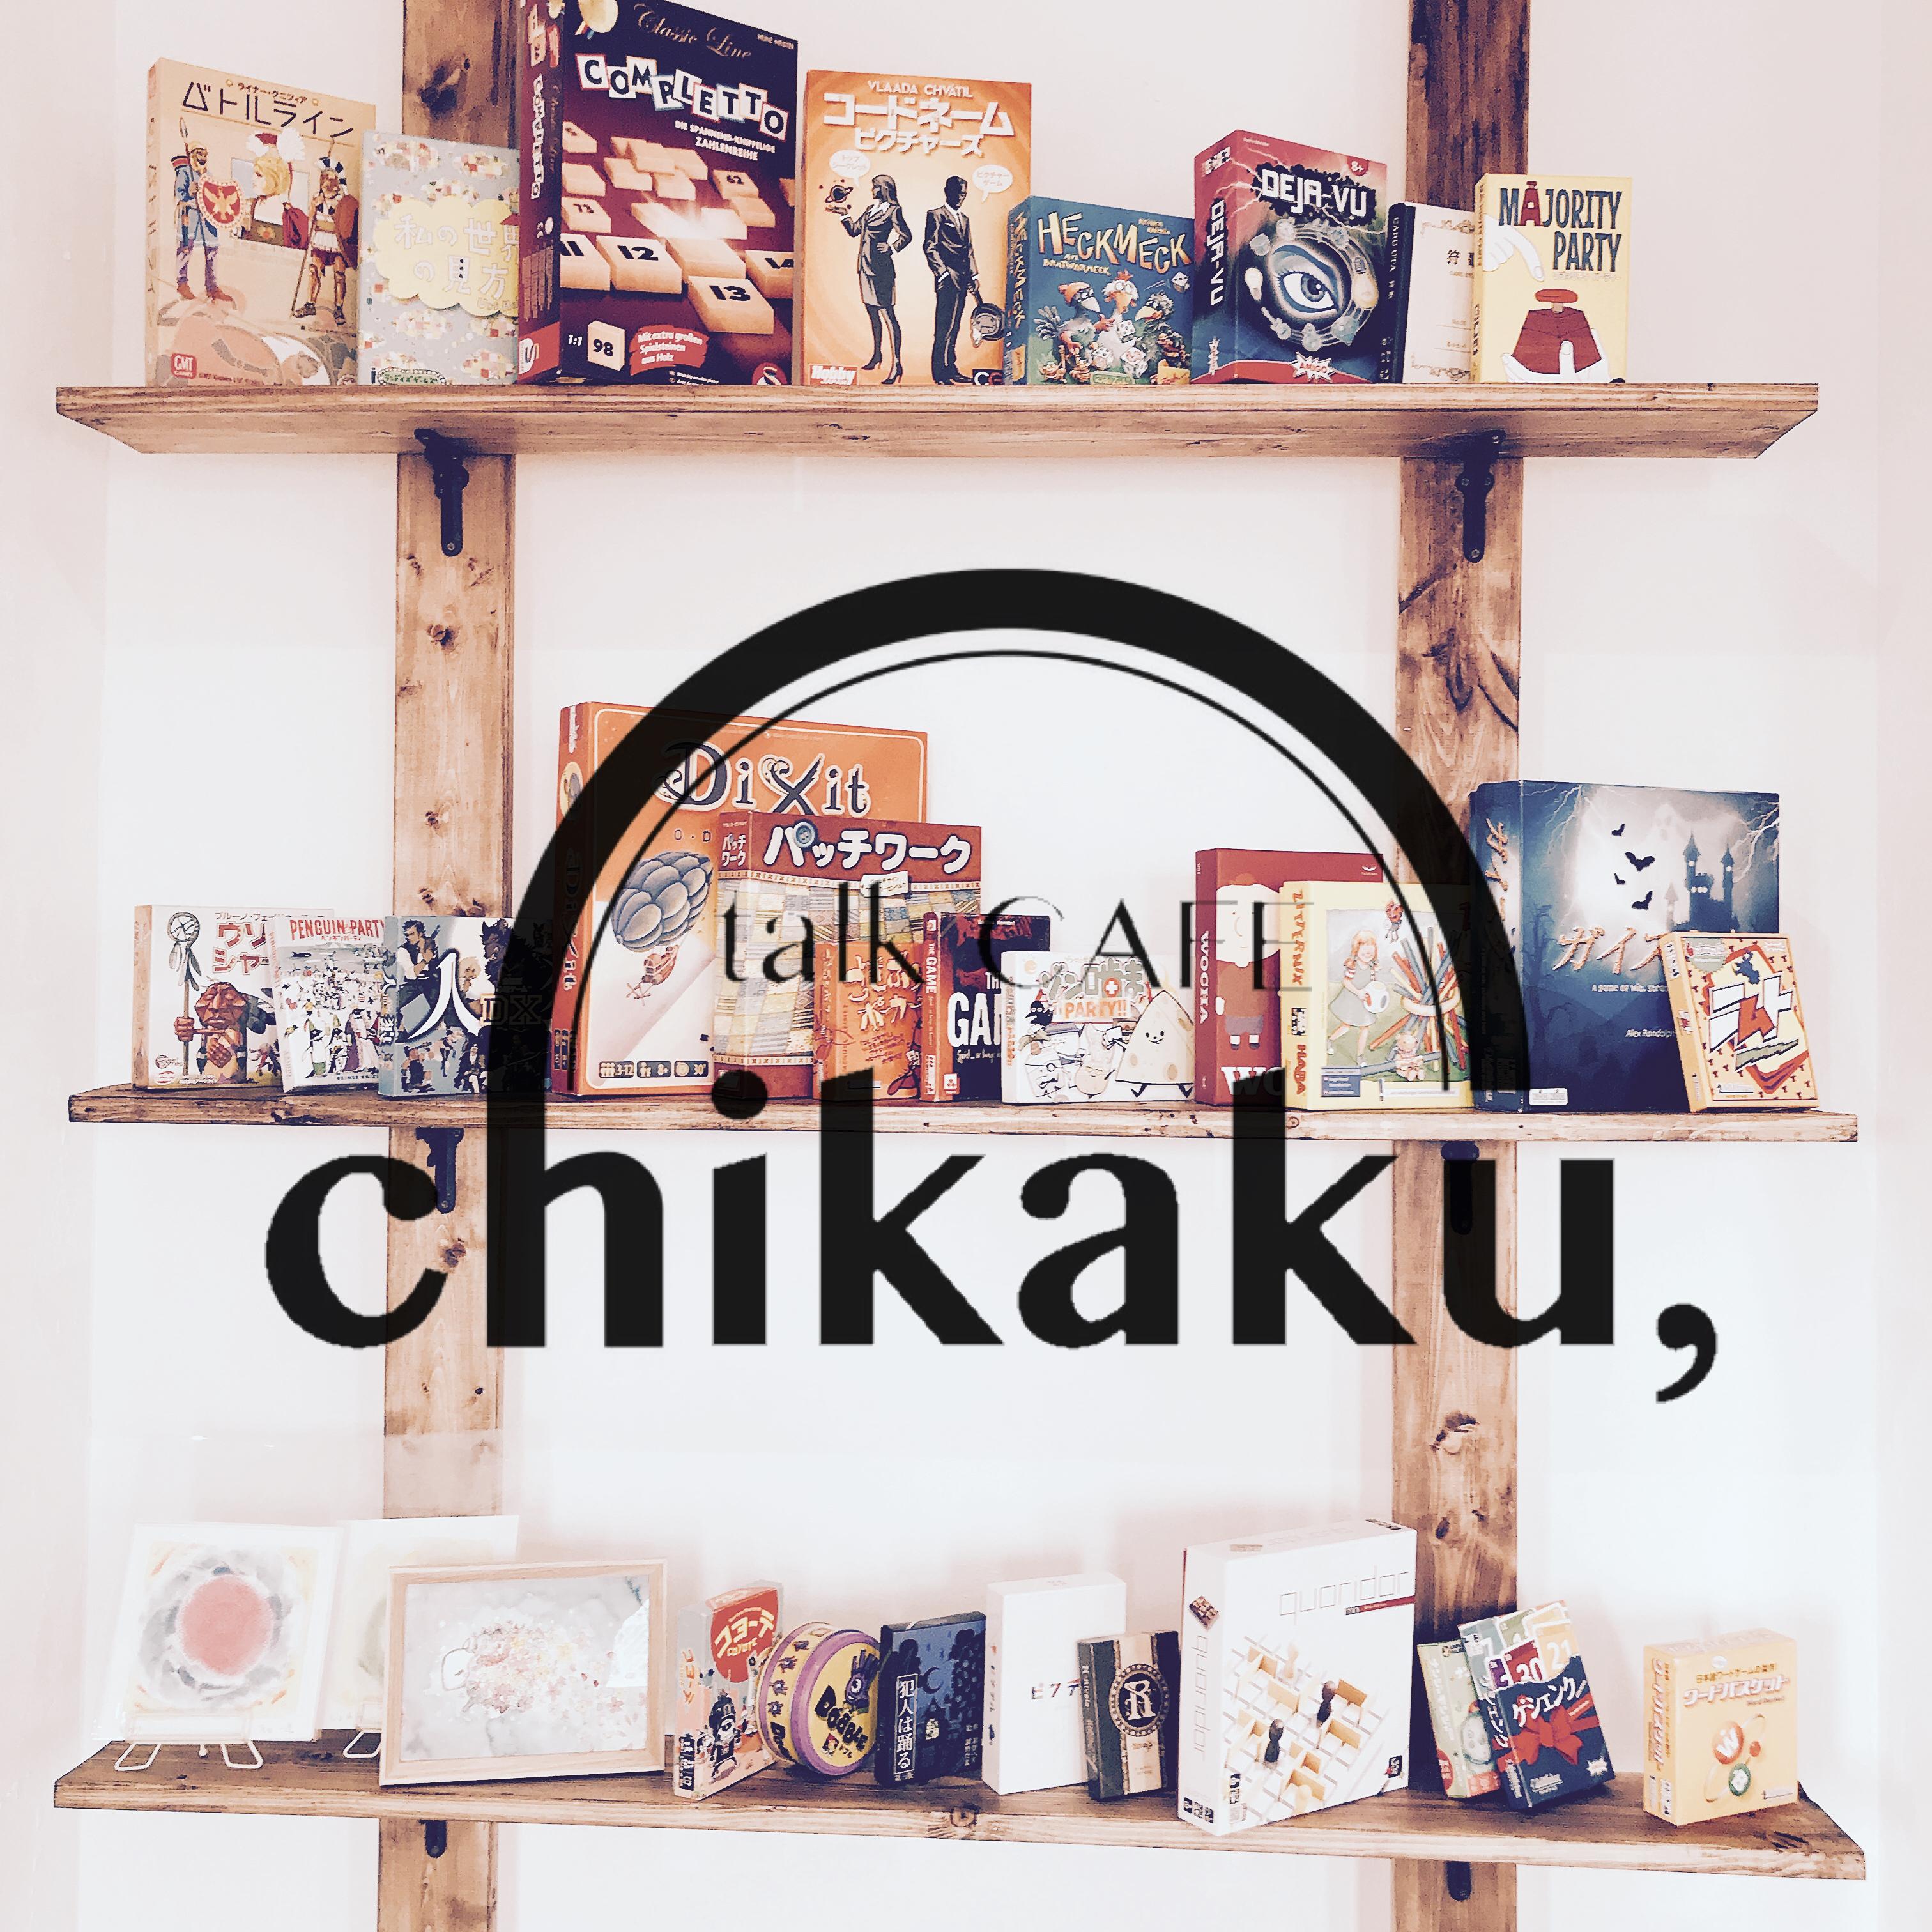 talk CAFE chikaku,(トークカフェチカク)